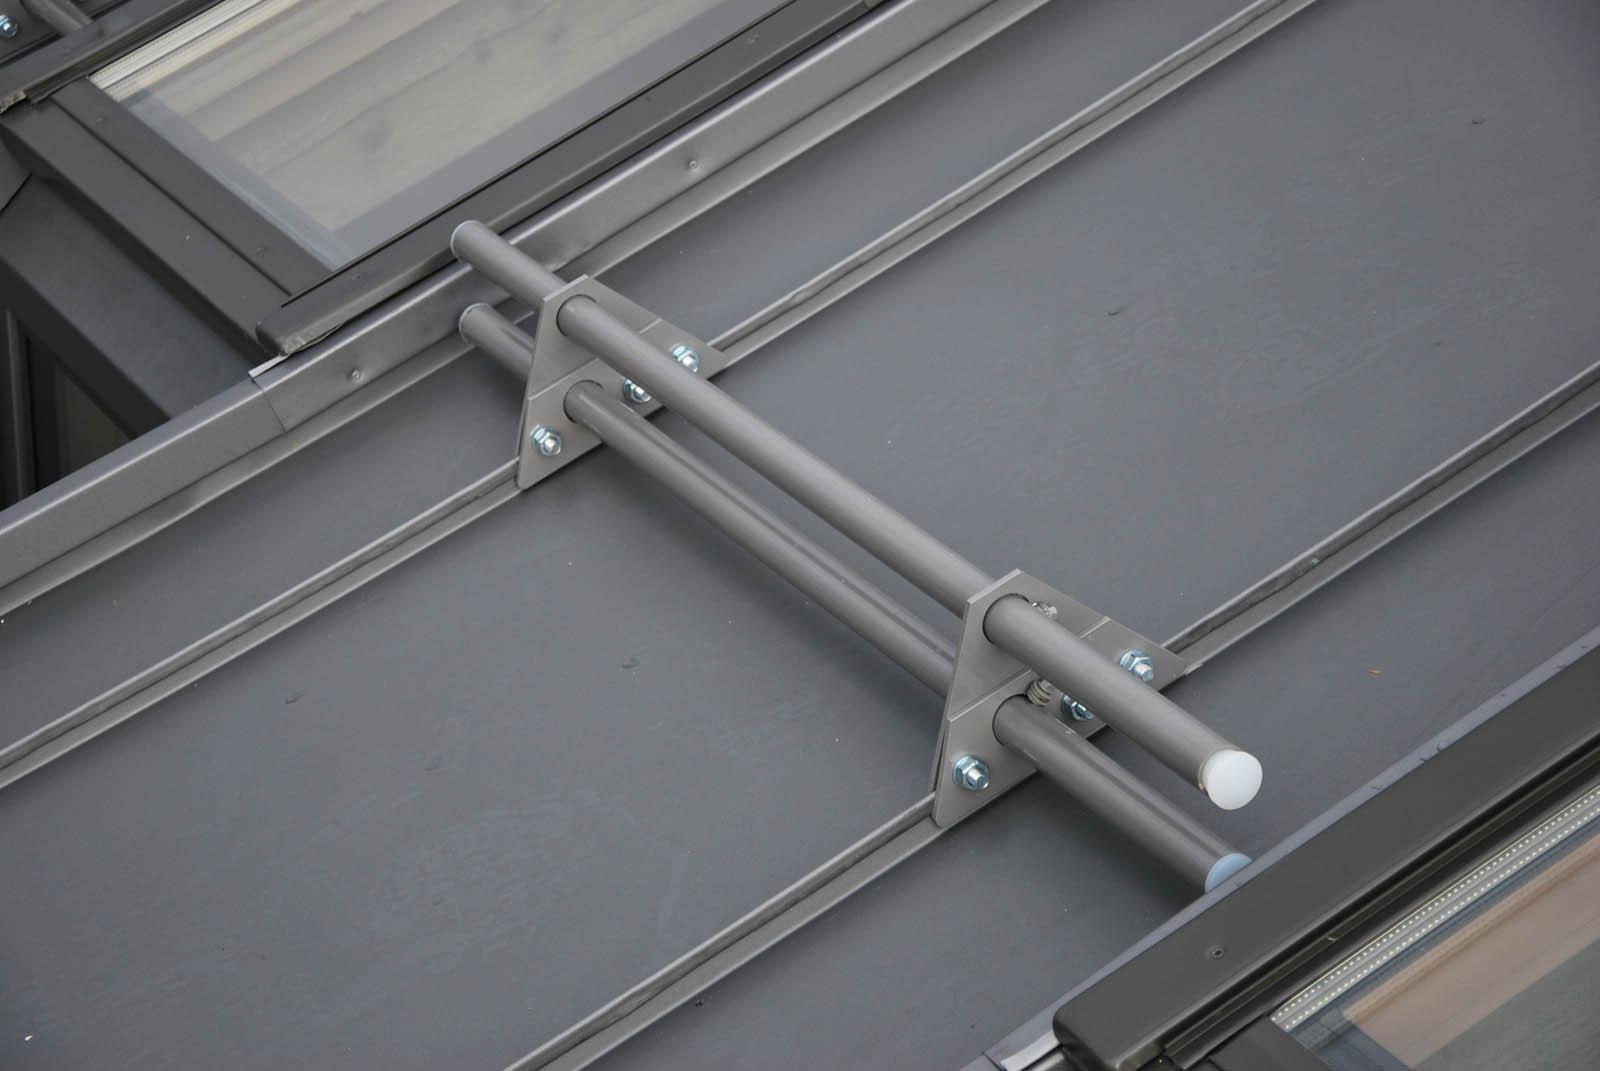 Rura przeciwśniegowa aluminiowa to 2m rura, którą montuje się na wspornikach rury w celu stworzenia kompletnego zestawu barier przeciwśniegowych. Płotki przeciwśniegowe chronią przed osuwającym się śniegiem.